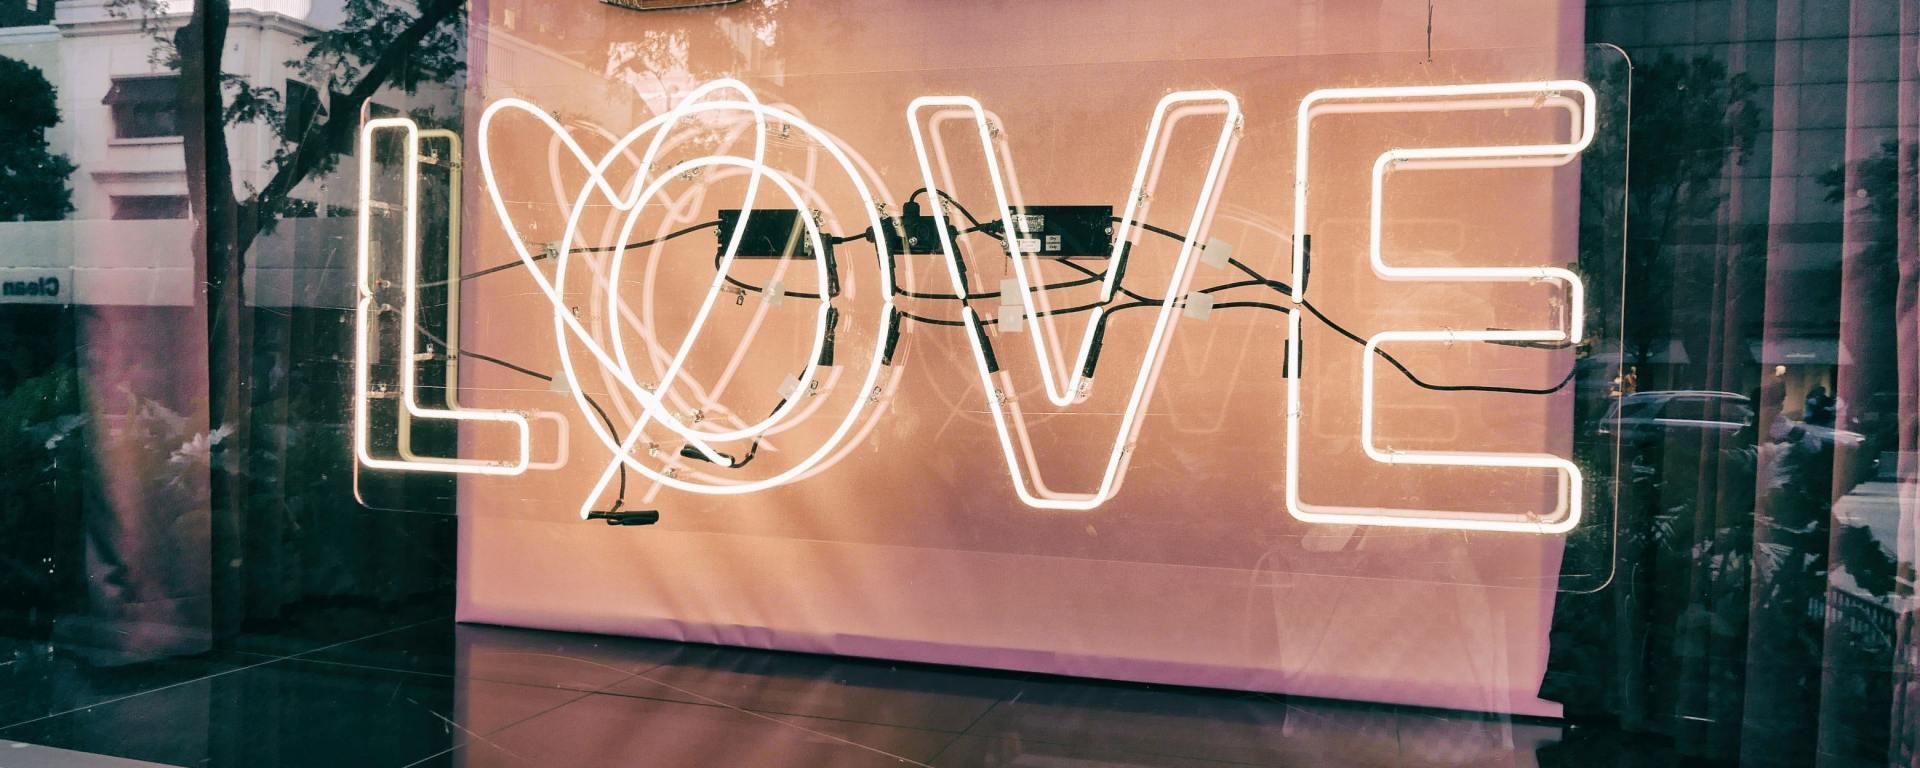 Love neon light in window